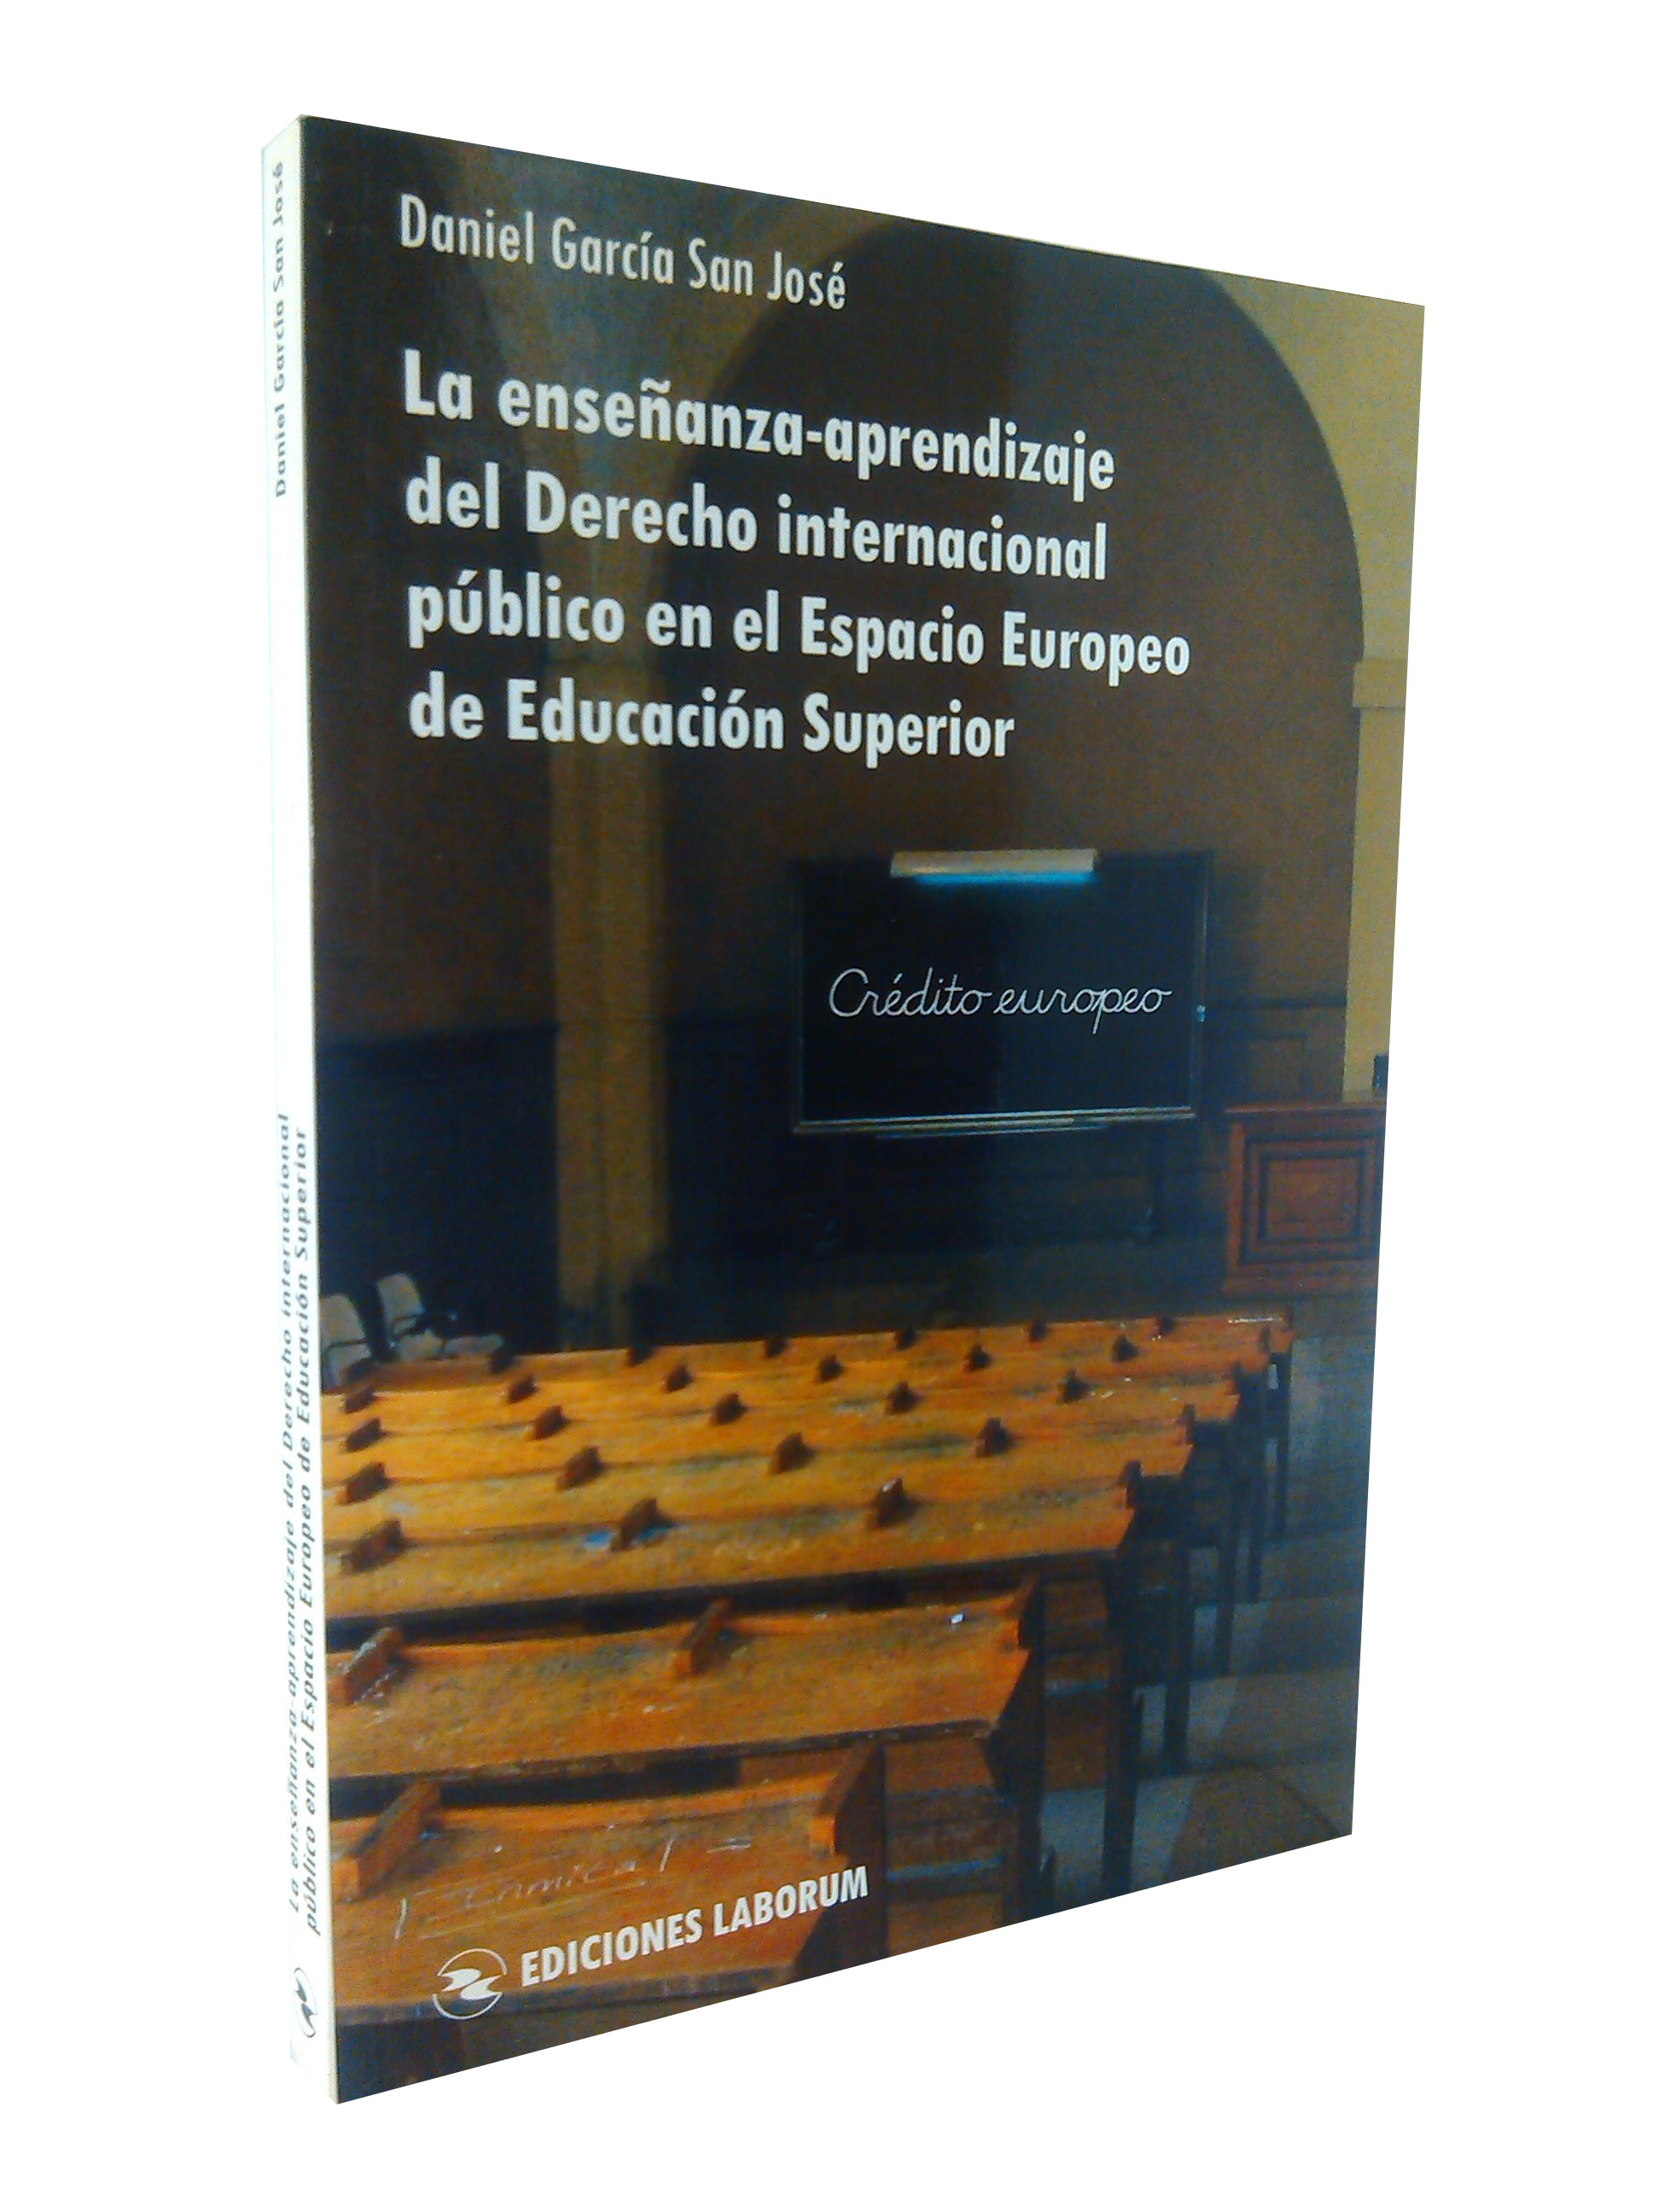 La enseñanza-aprendizaje del Derecho internacional público en el Espacio Europeo de Educación Superior